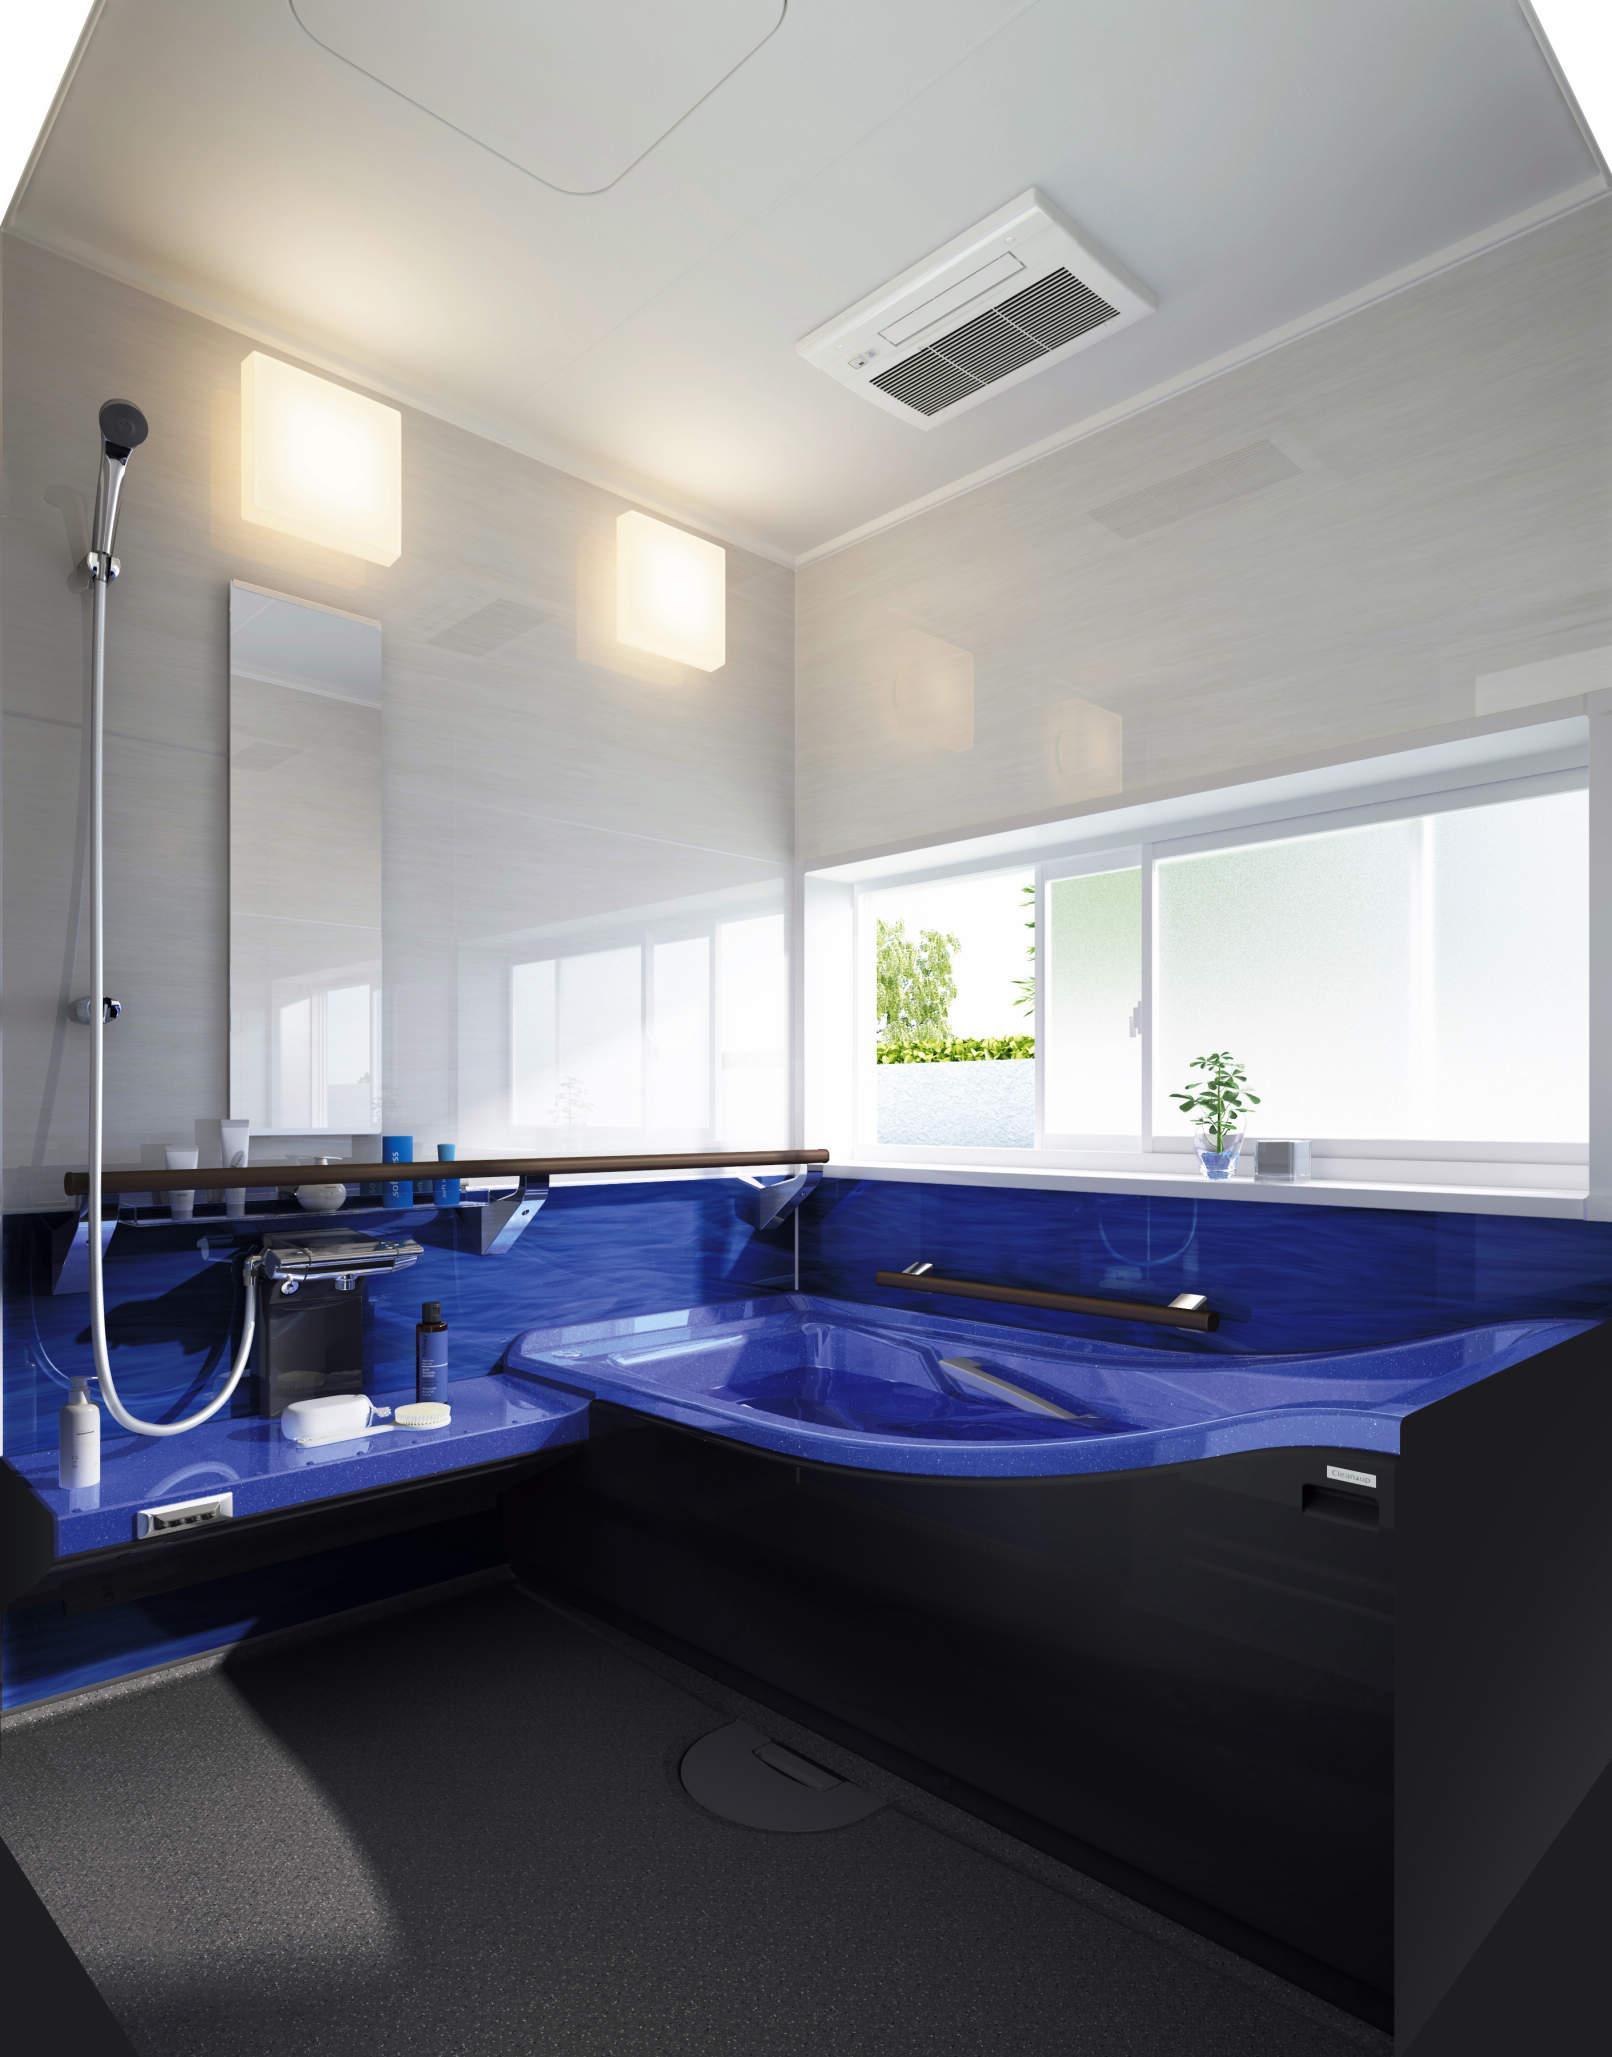 あたたかお風呂リフォームを実現!クリナップのアクリアバス